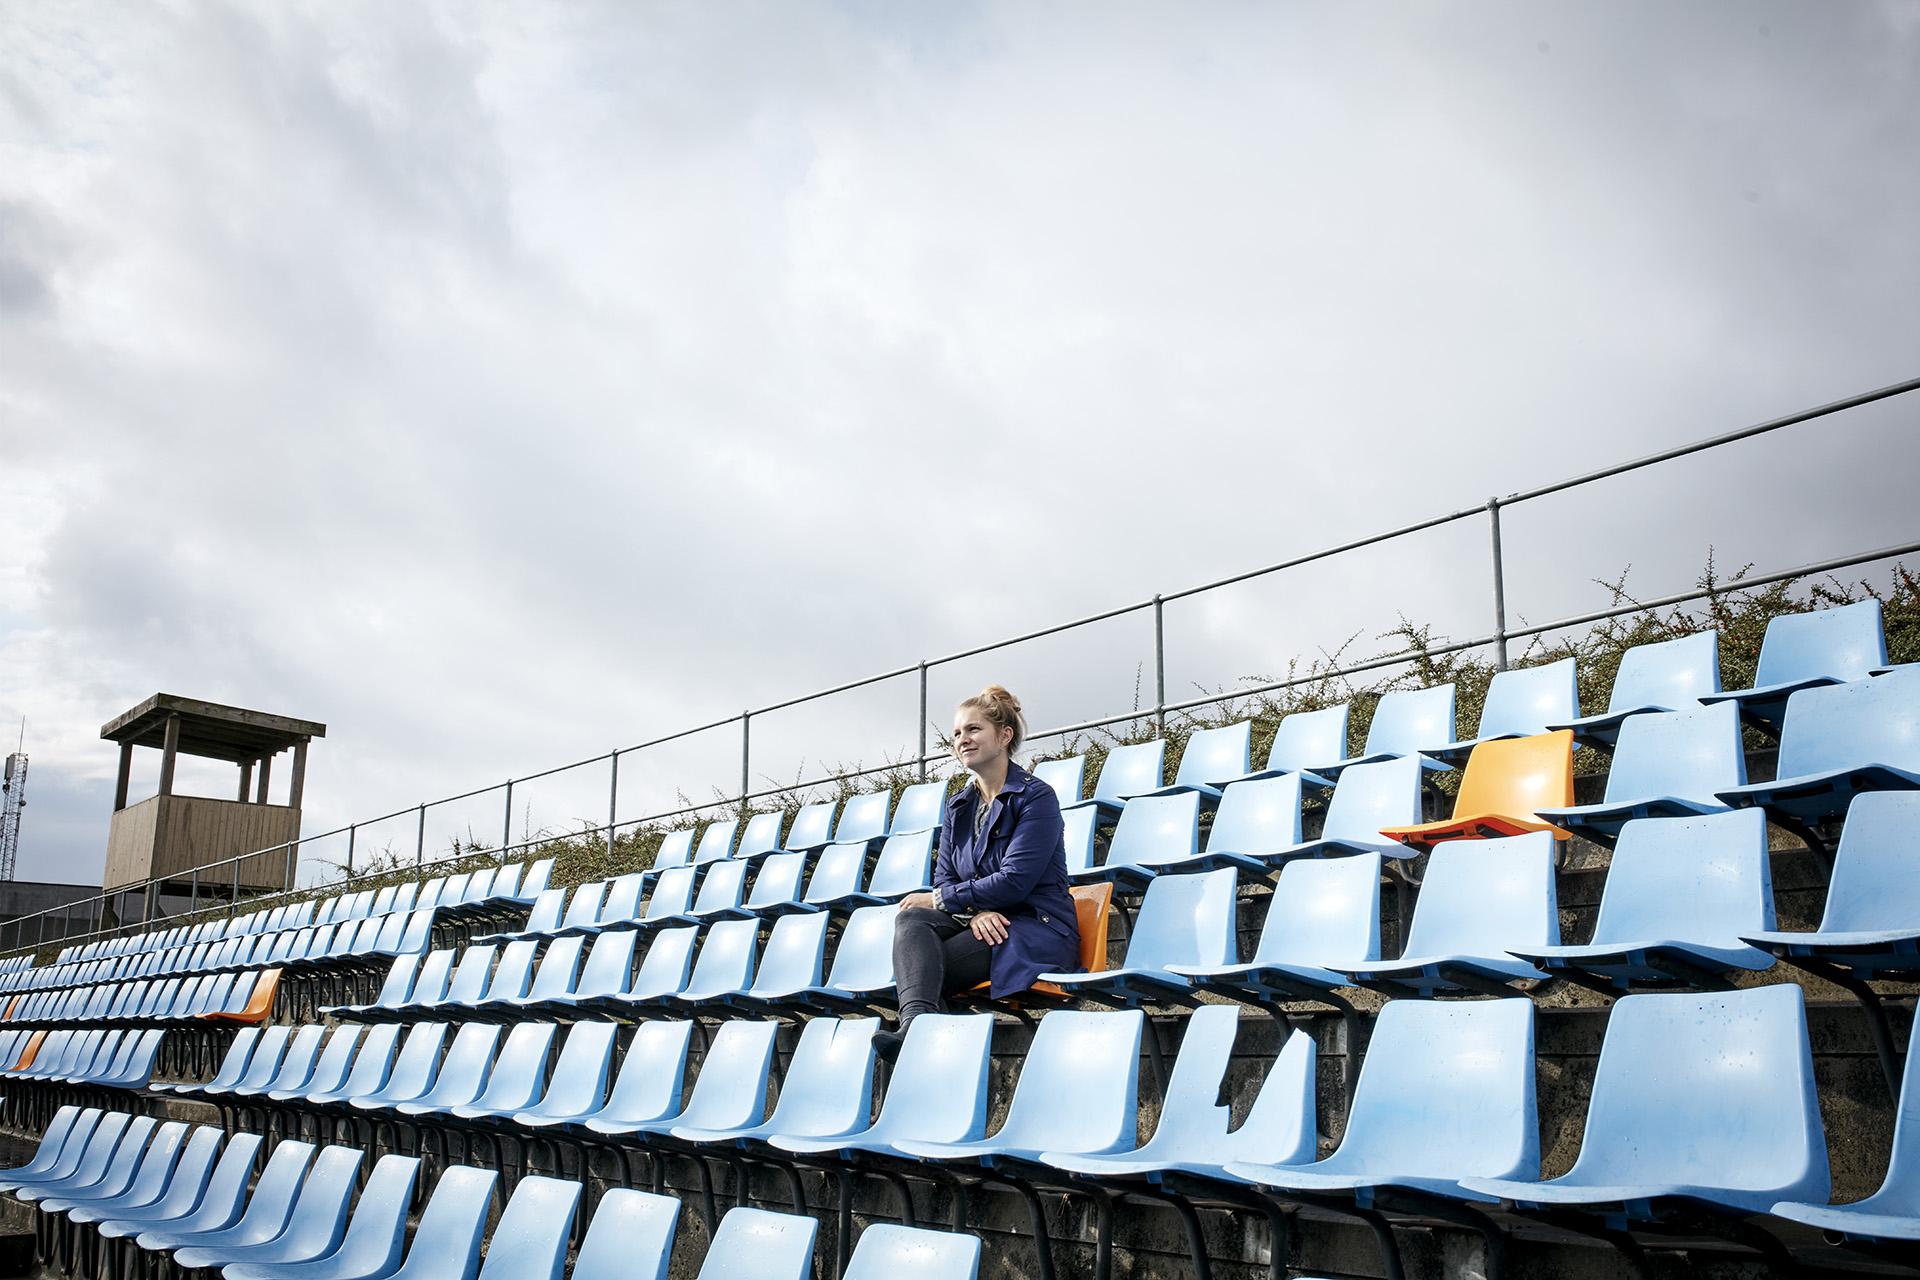 Karen Bay Lindkvist arbejder som byplanlægger i Brøndby kommune. Hun er i færd med at omdanne en parkeringsplads ved Brøndby Stadion til en levende sportsby.